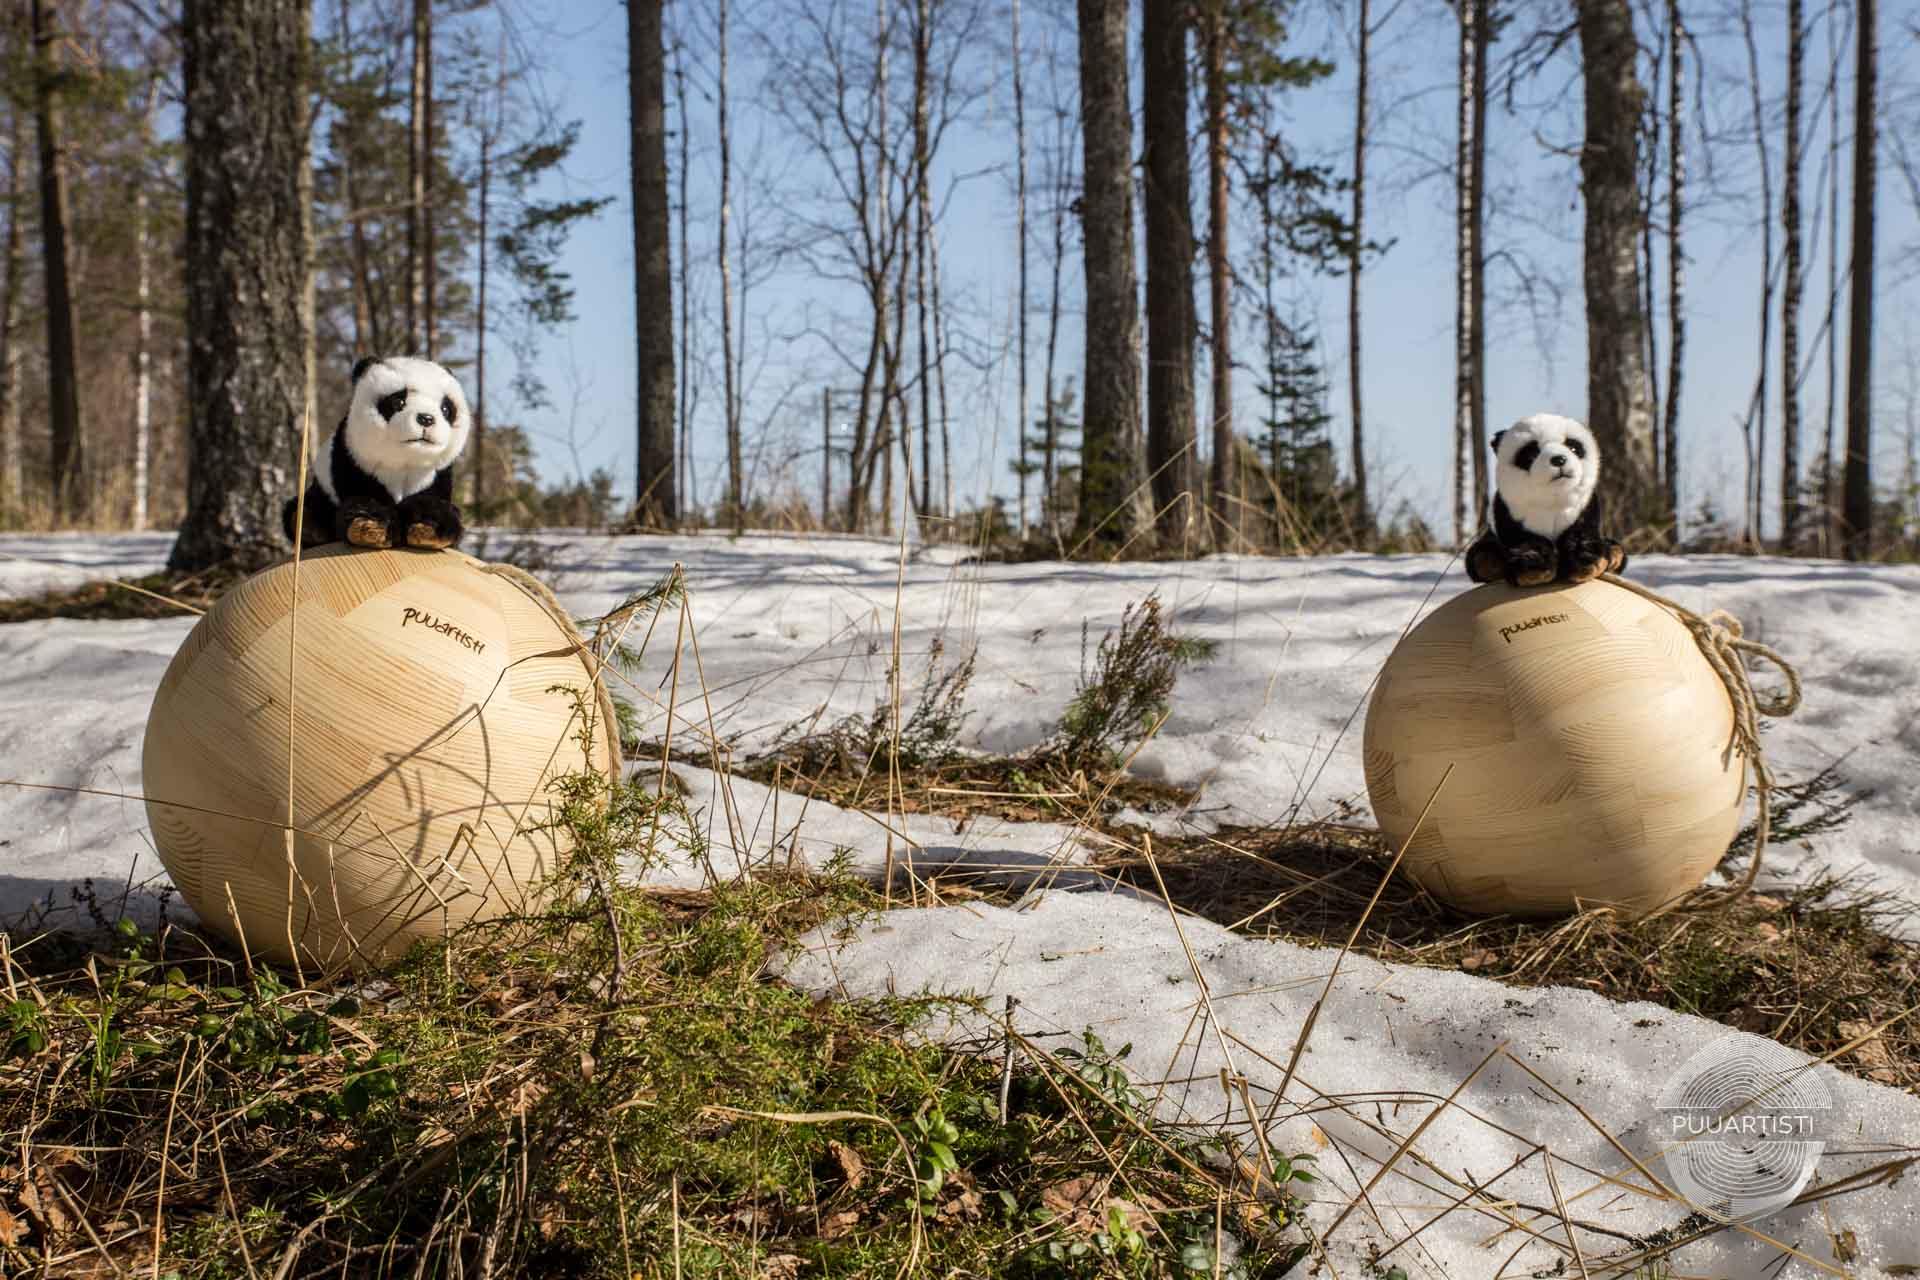 Puuartisti Panda balls Woodartist Photographer Joona Kotilainen